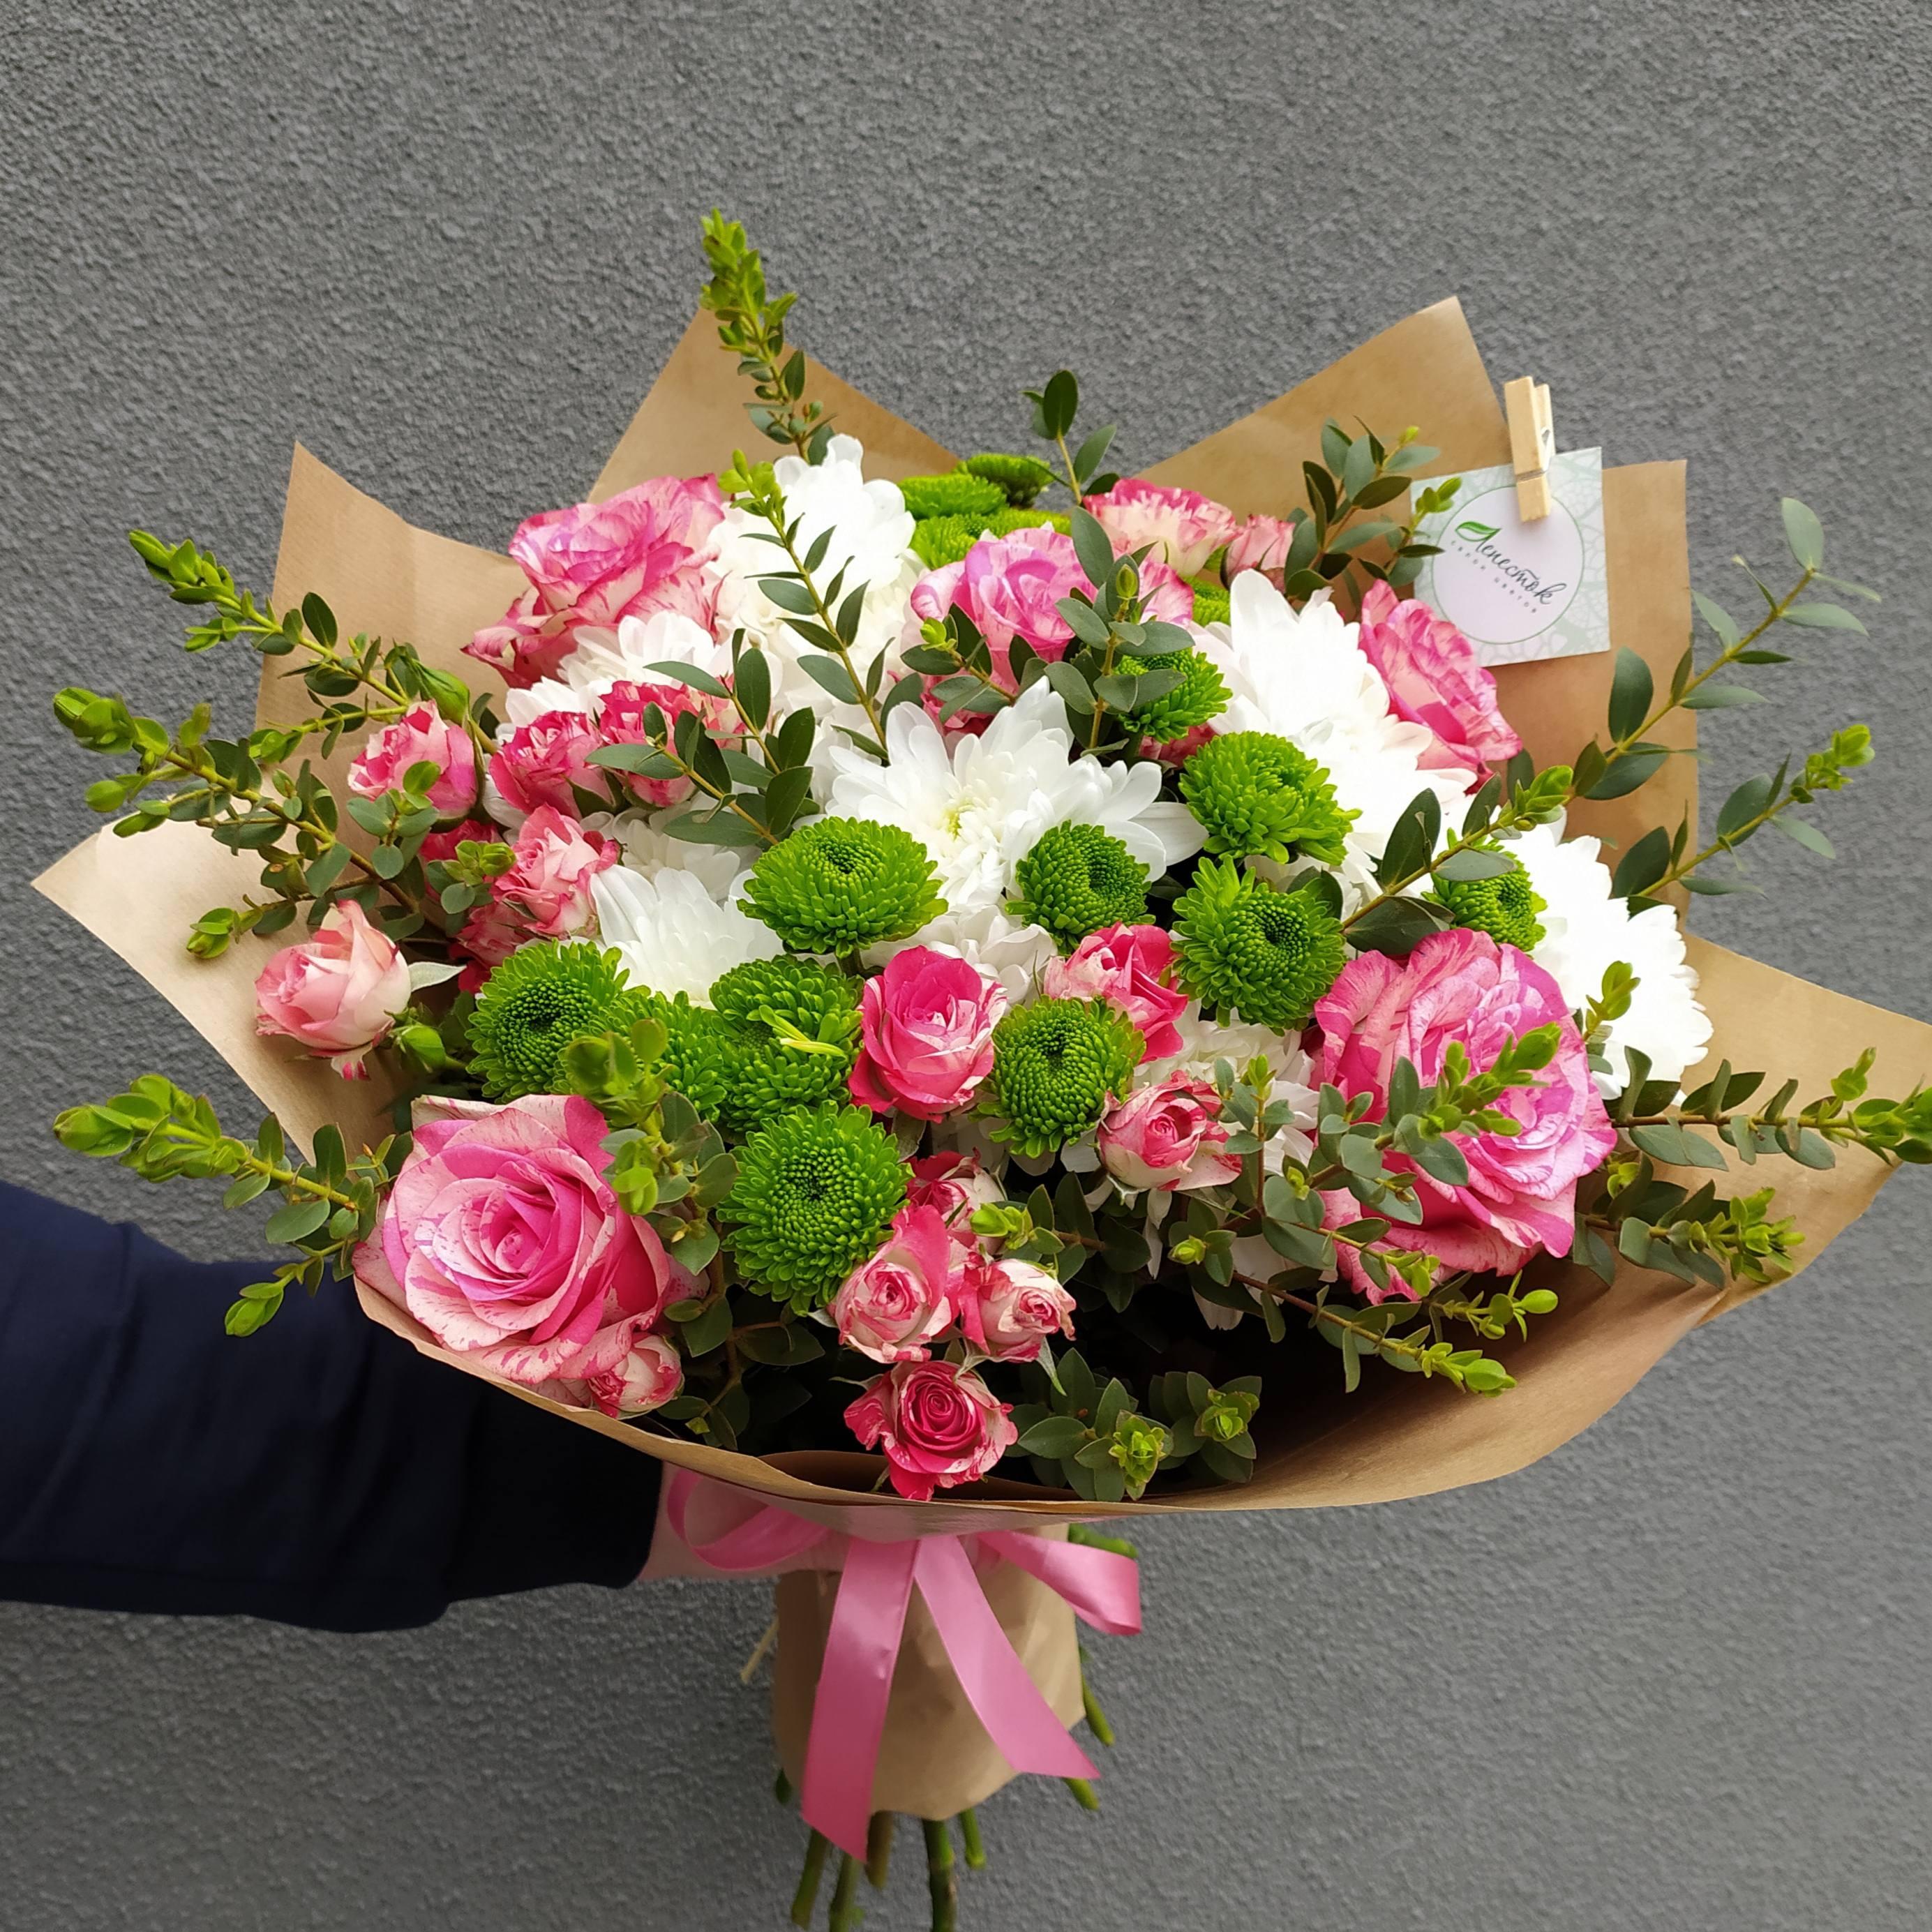 Букет из розы, кустовой розы, хризантем и зелени